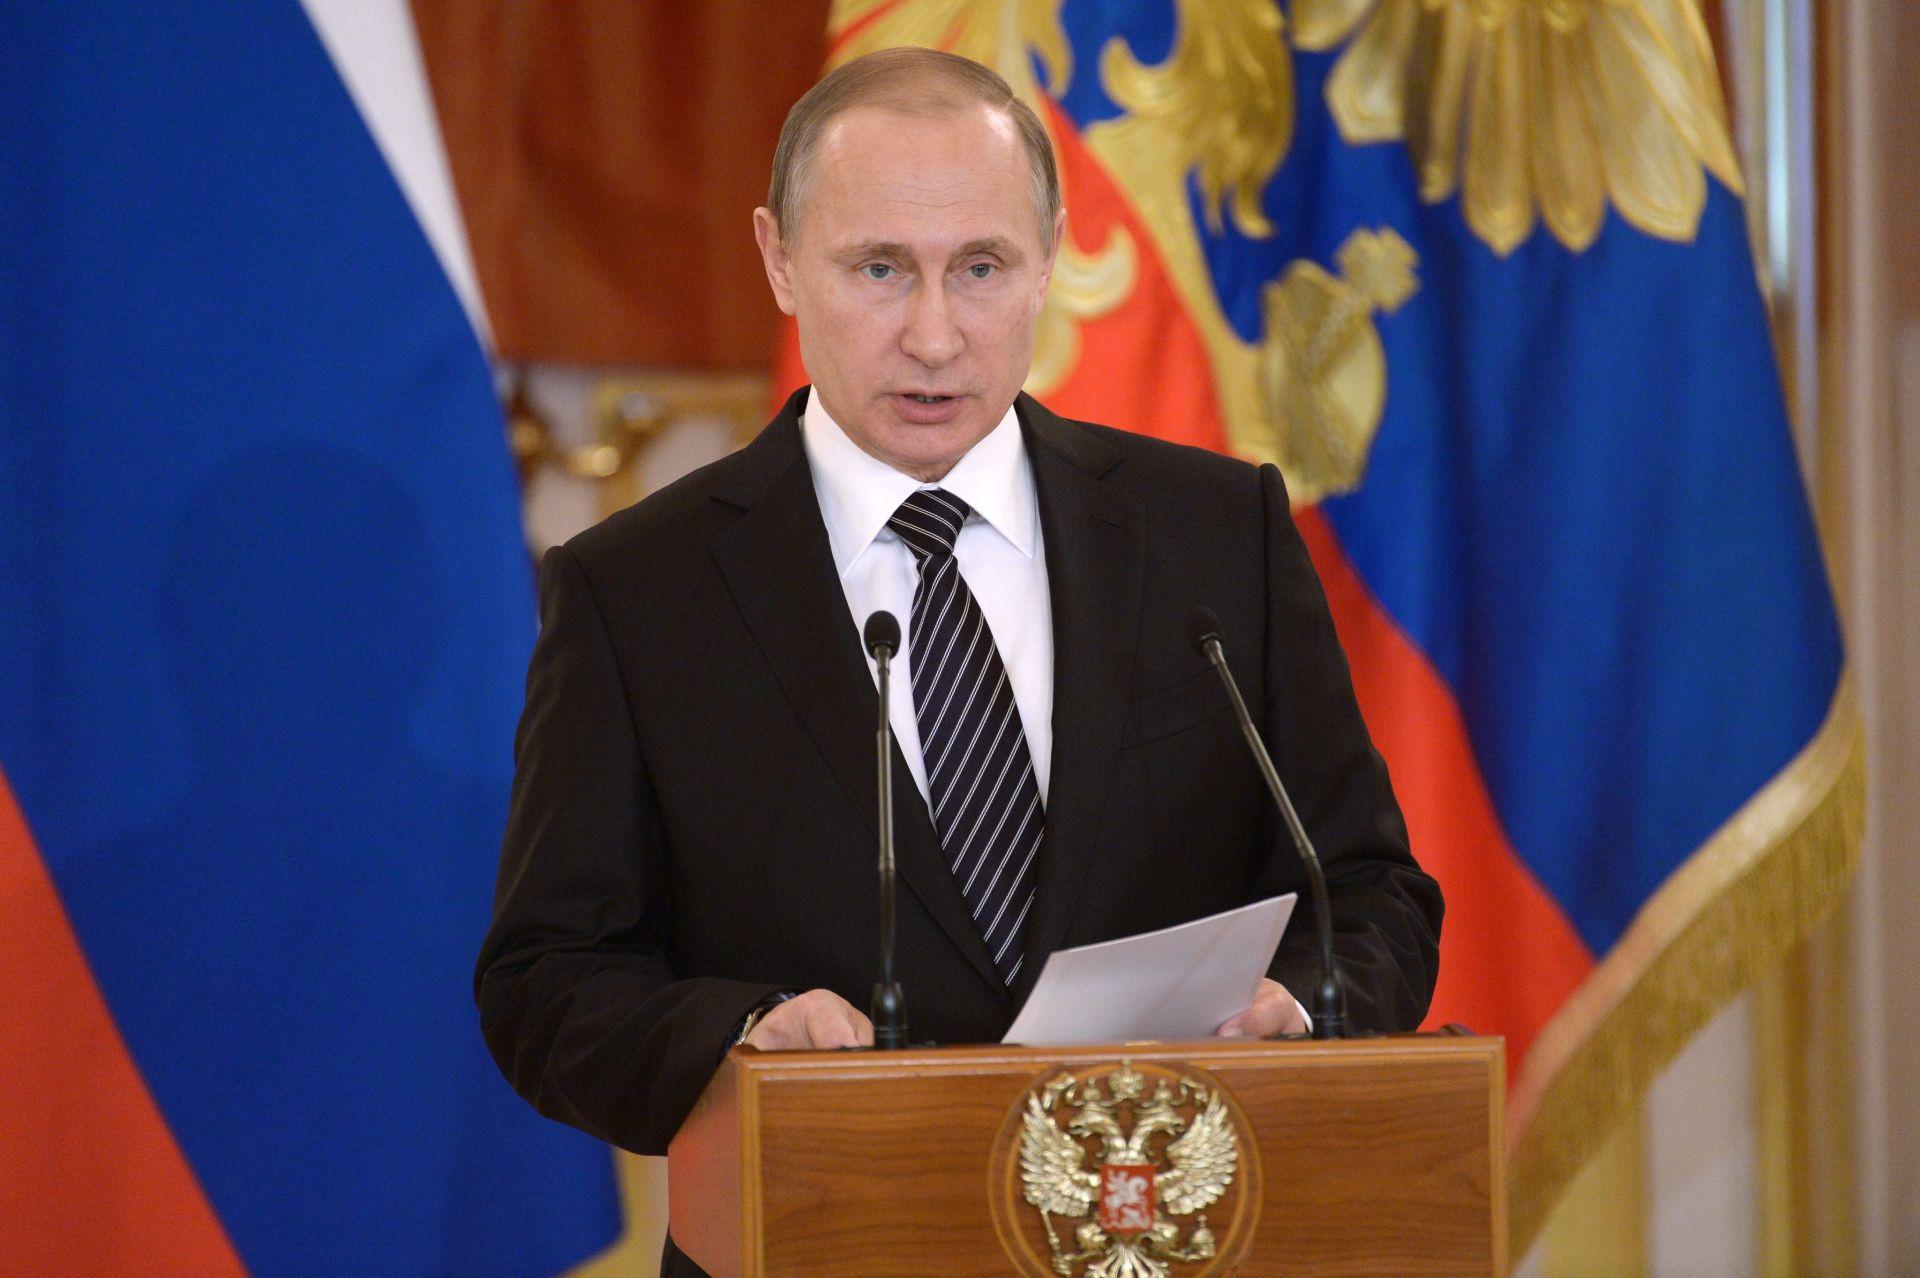 IZBJEGAVANJE NOVIH ŽRTVI: Putin pozvao na hitni prekid vatre na granici Nagorno Karabaha